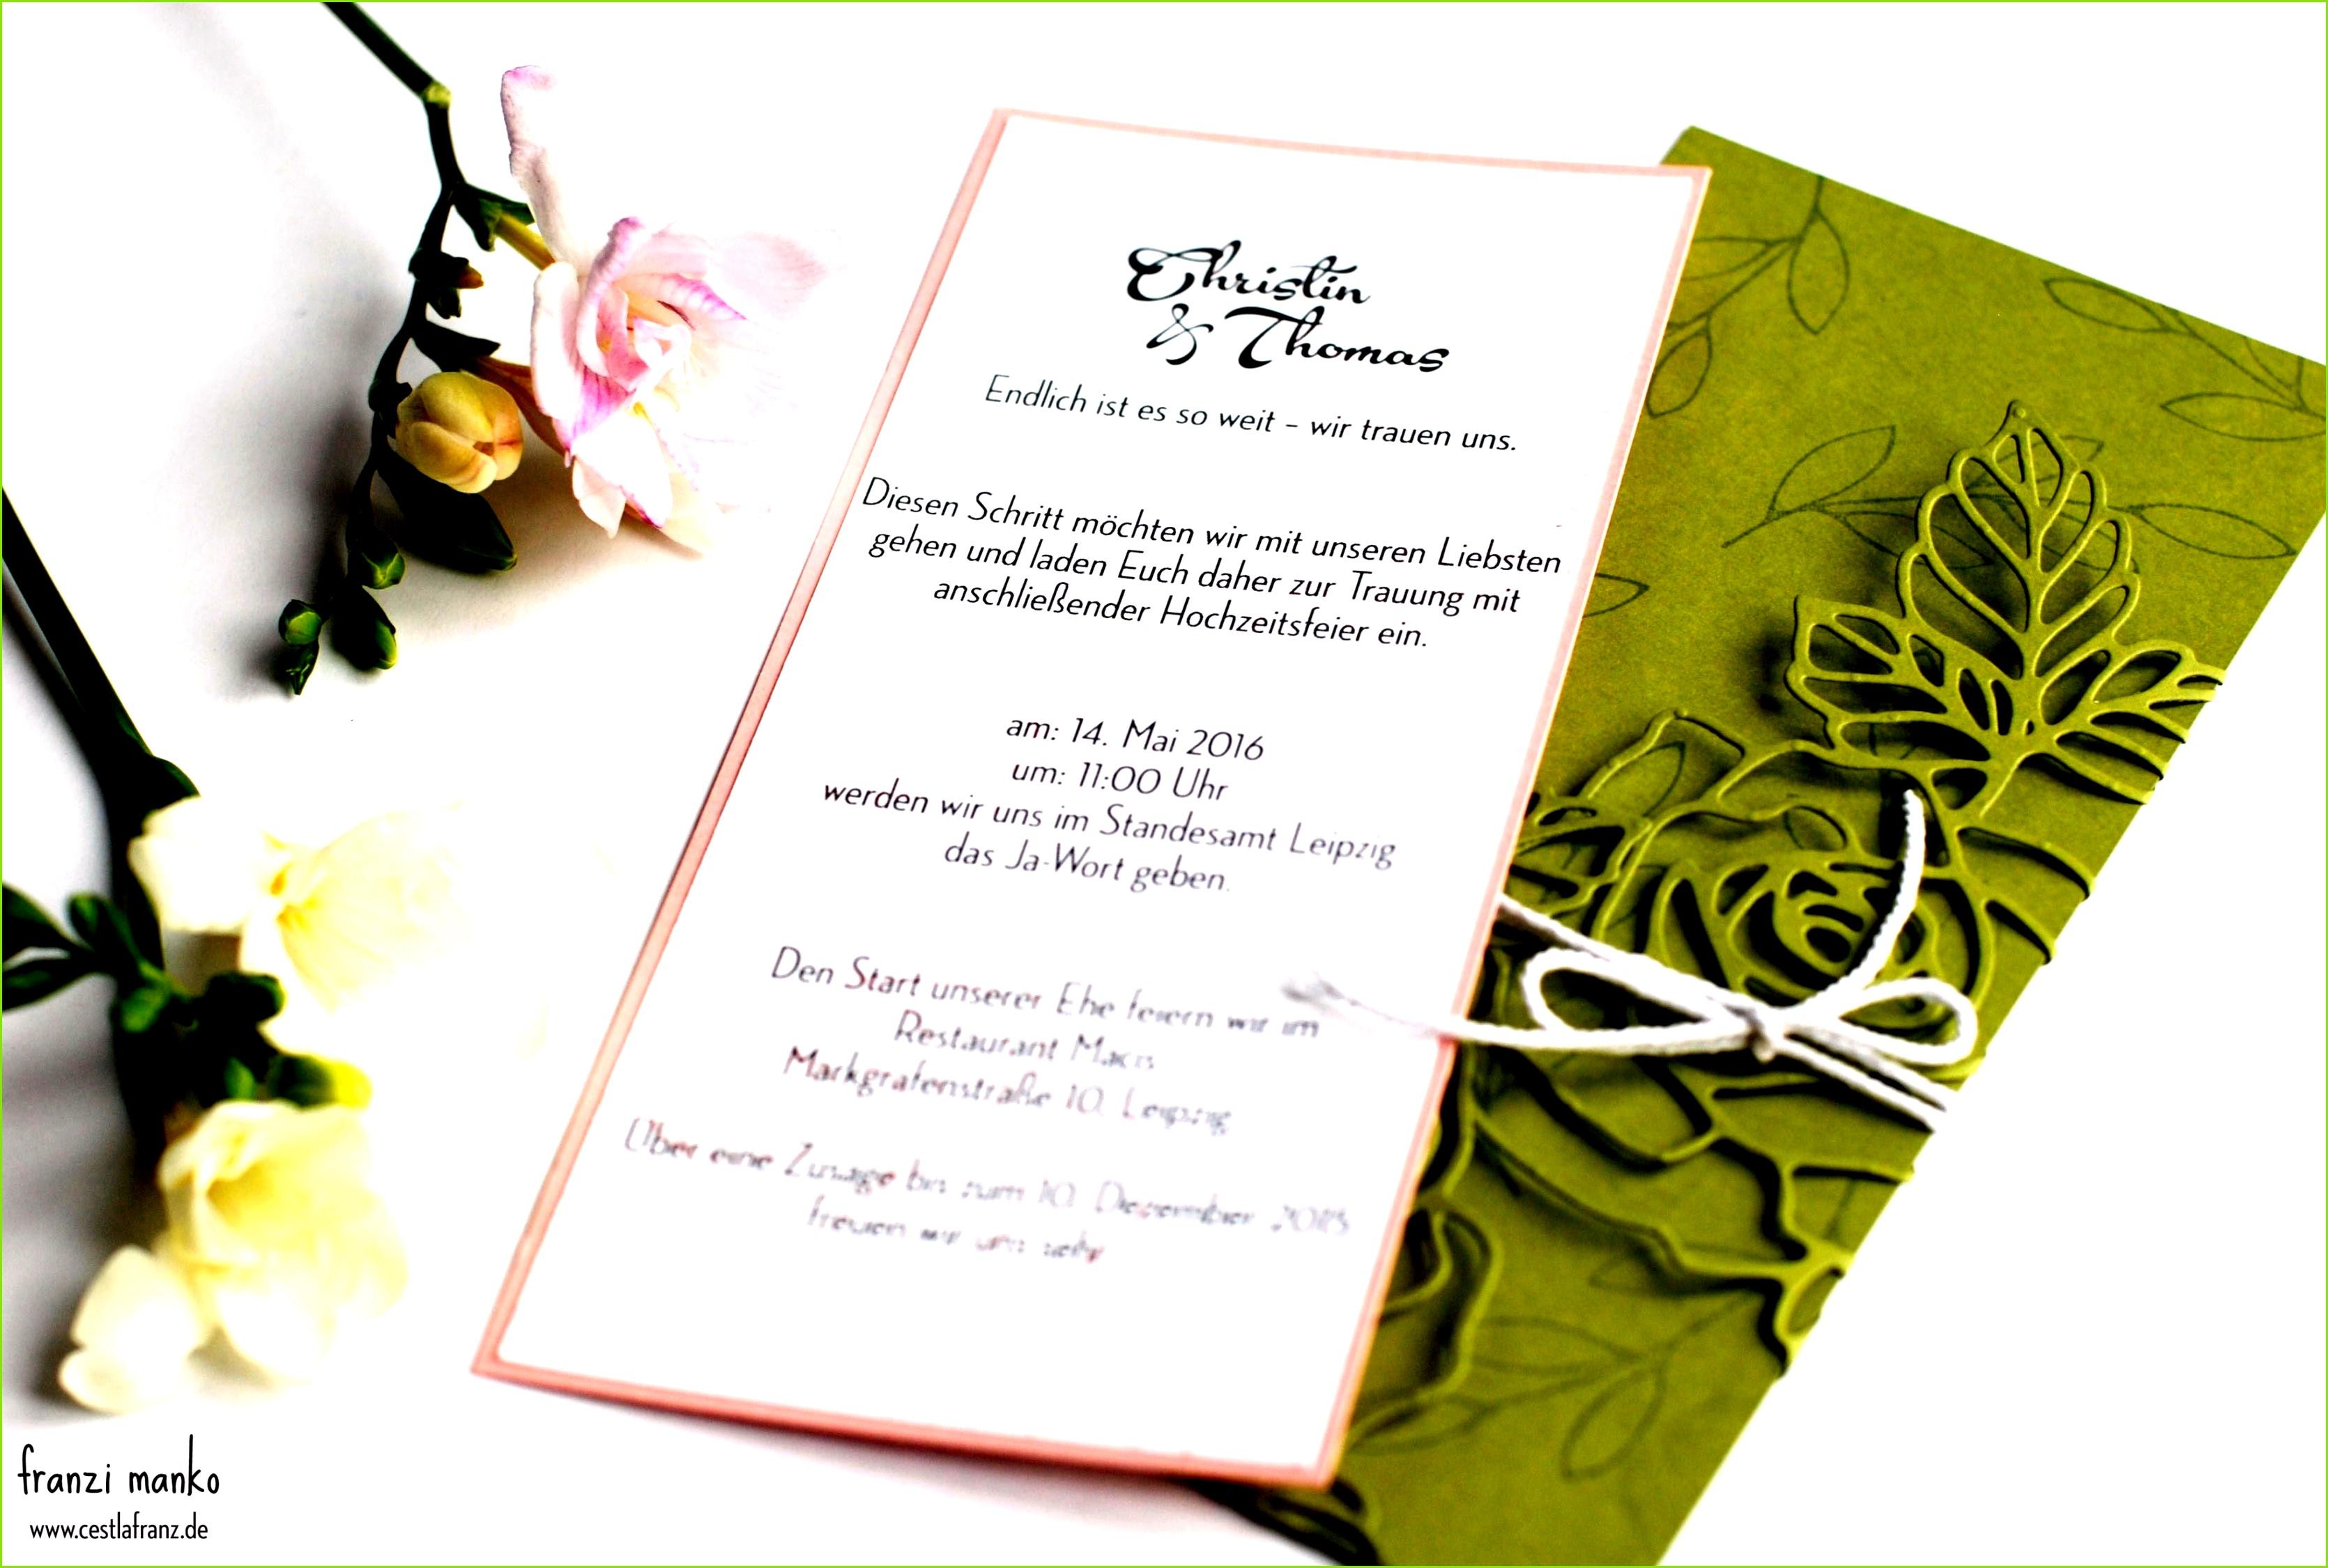 Danksagungskarte Geburt Neu Danksagungskarten Gestalten 0d Archives Grußkarte Beispiel